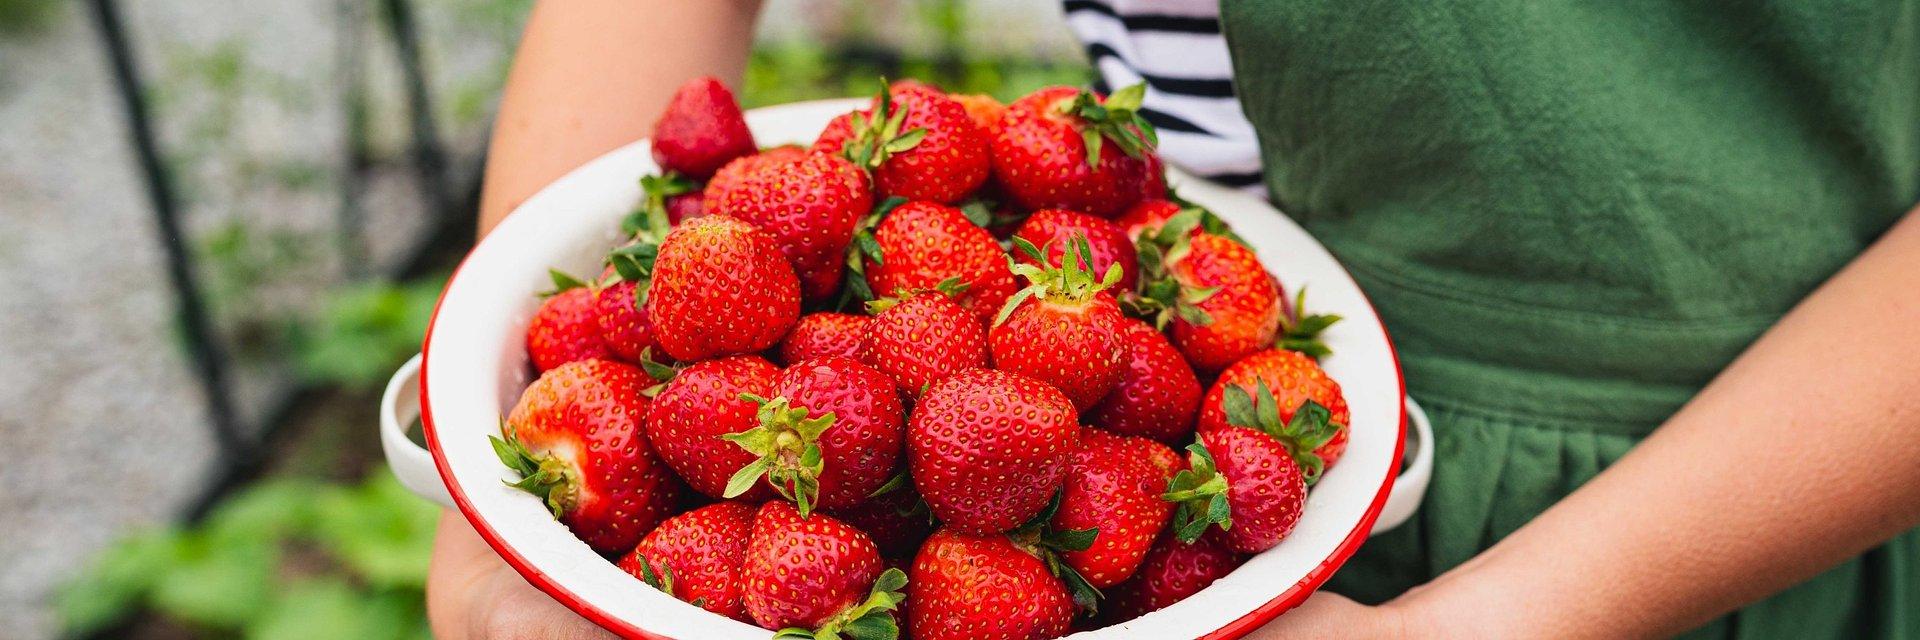 Proste przepisy z wykorzystaniem owoców jagodowych